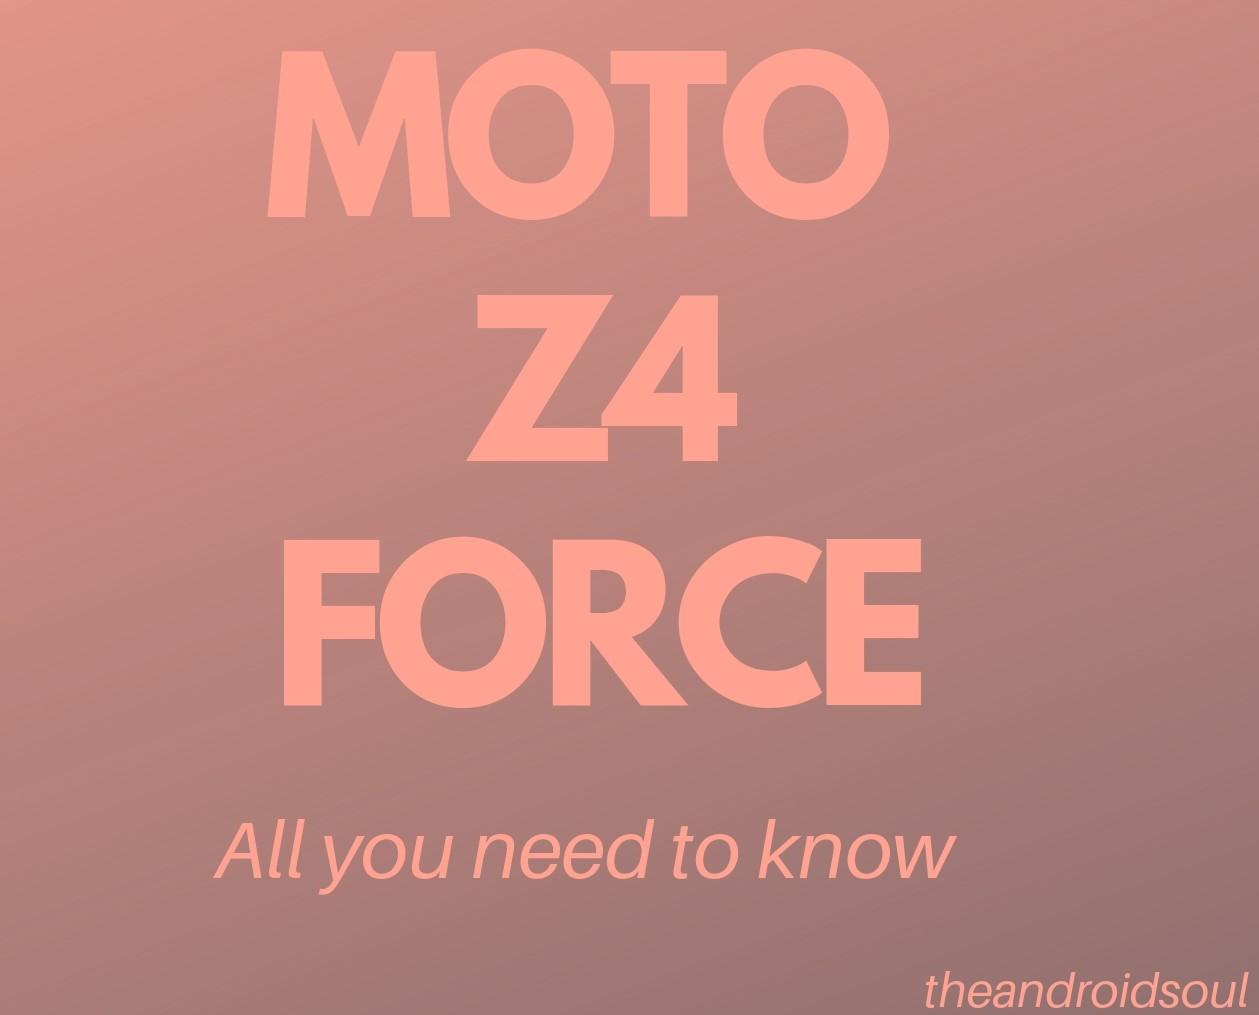 MOTO Z4 FORCE